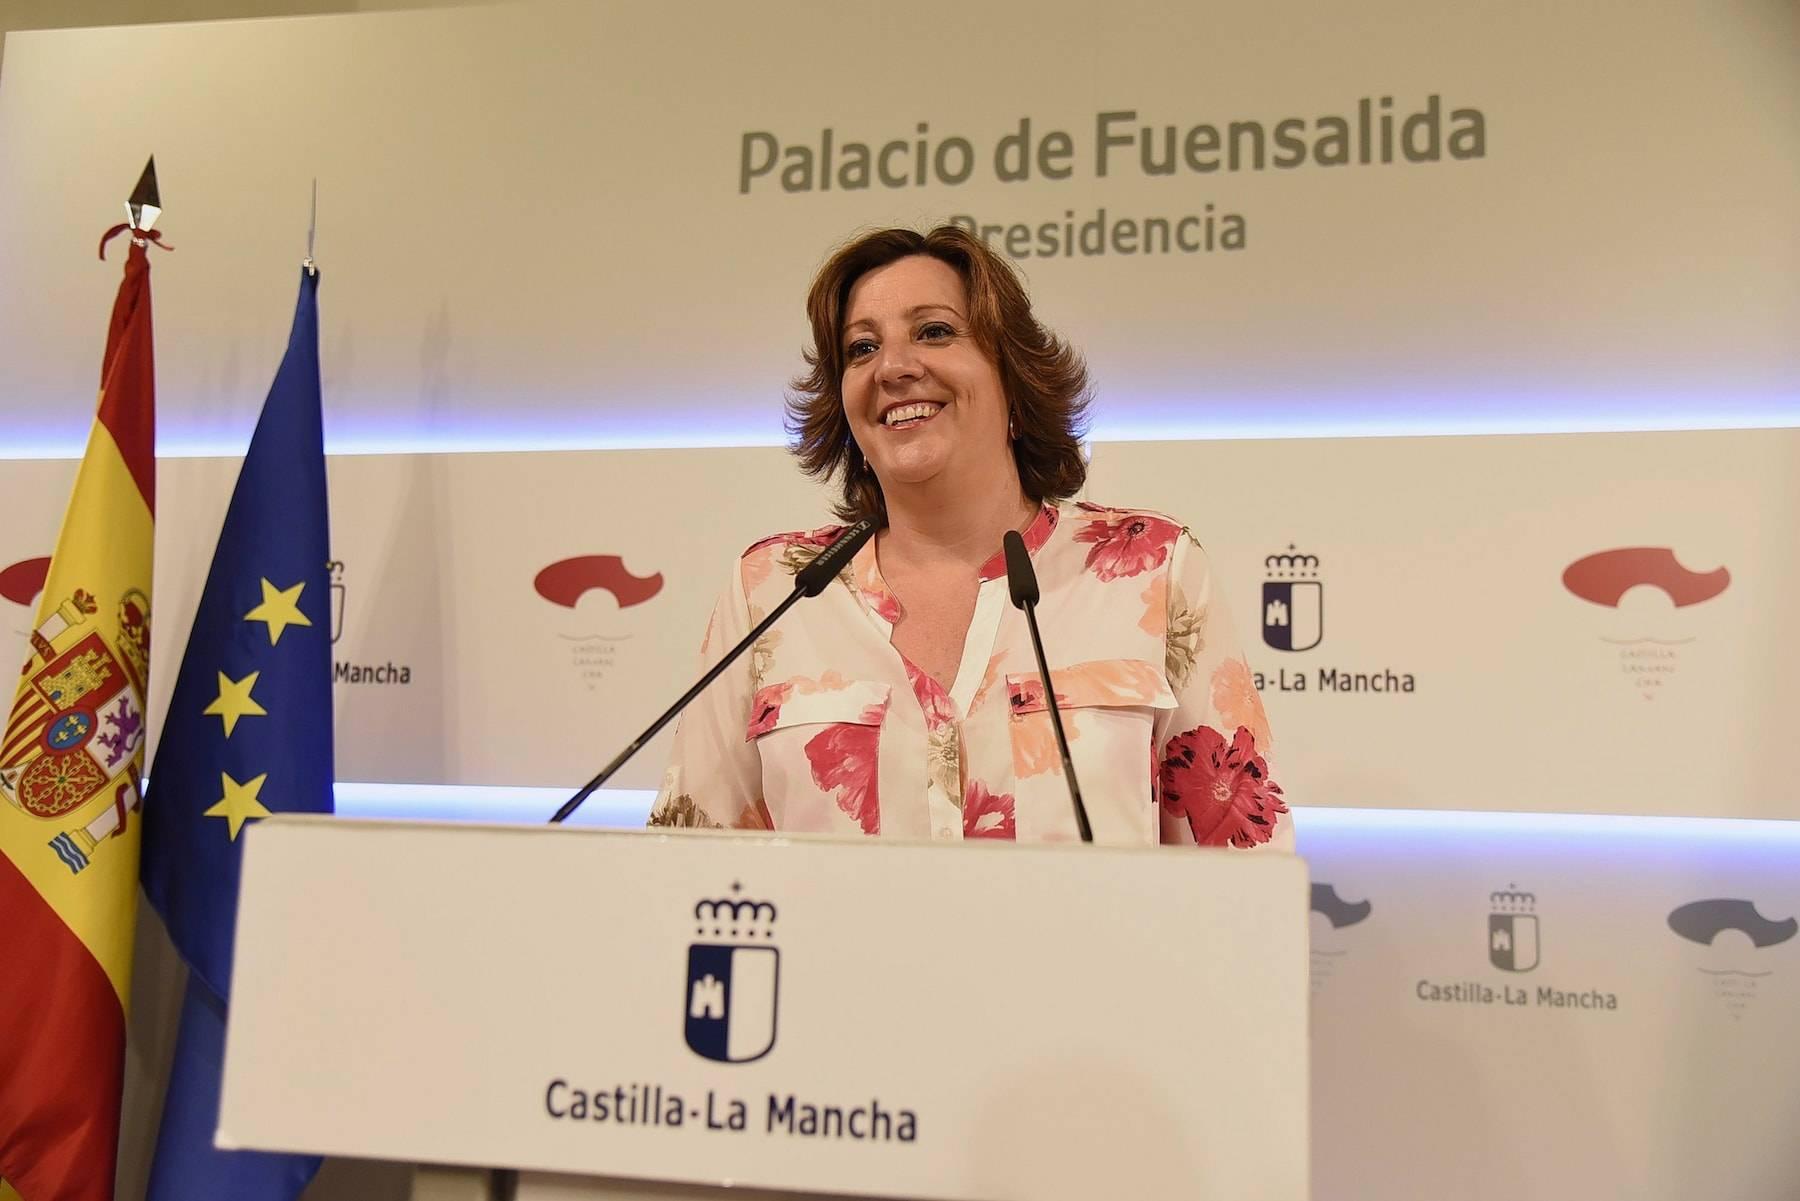 patricia franco dinamismo empresarial clm - Castilla-La Mancha a la cabeza del país en dinamismo empresarial